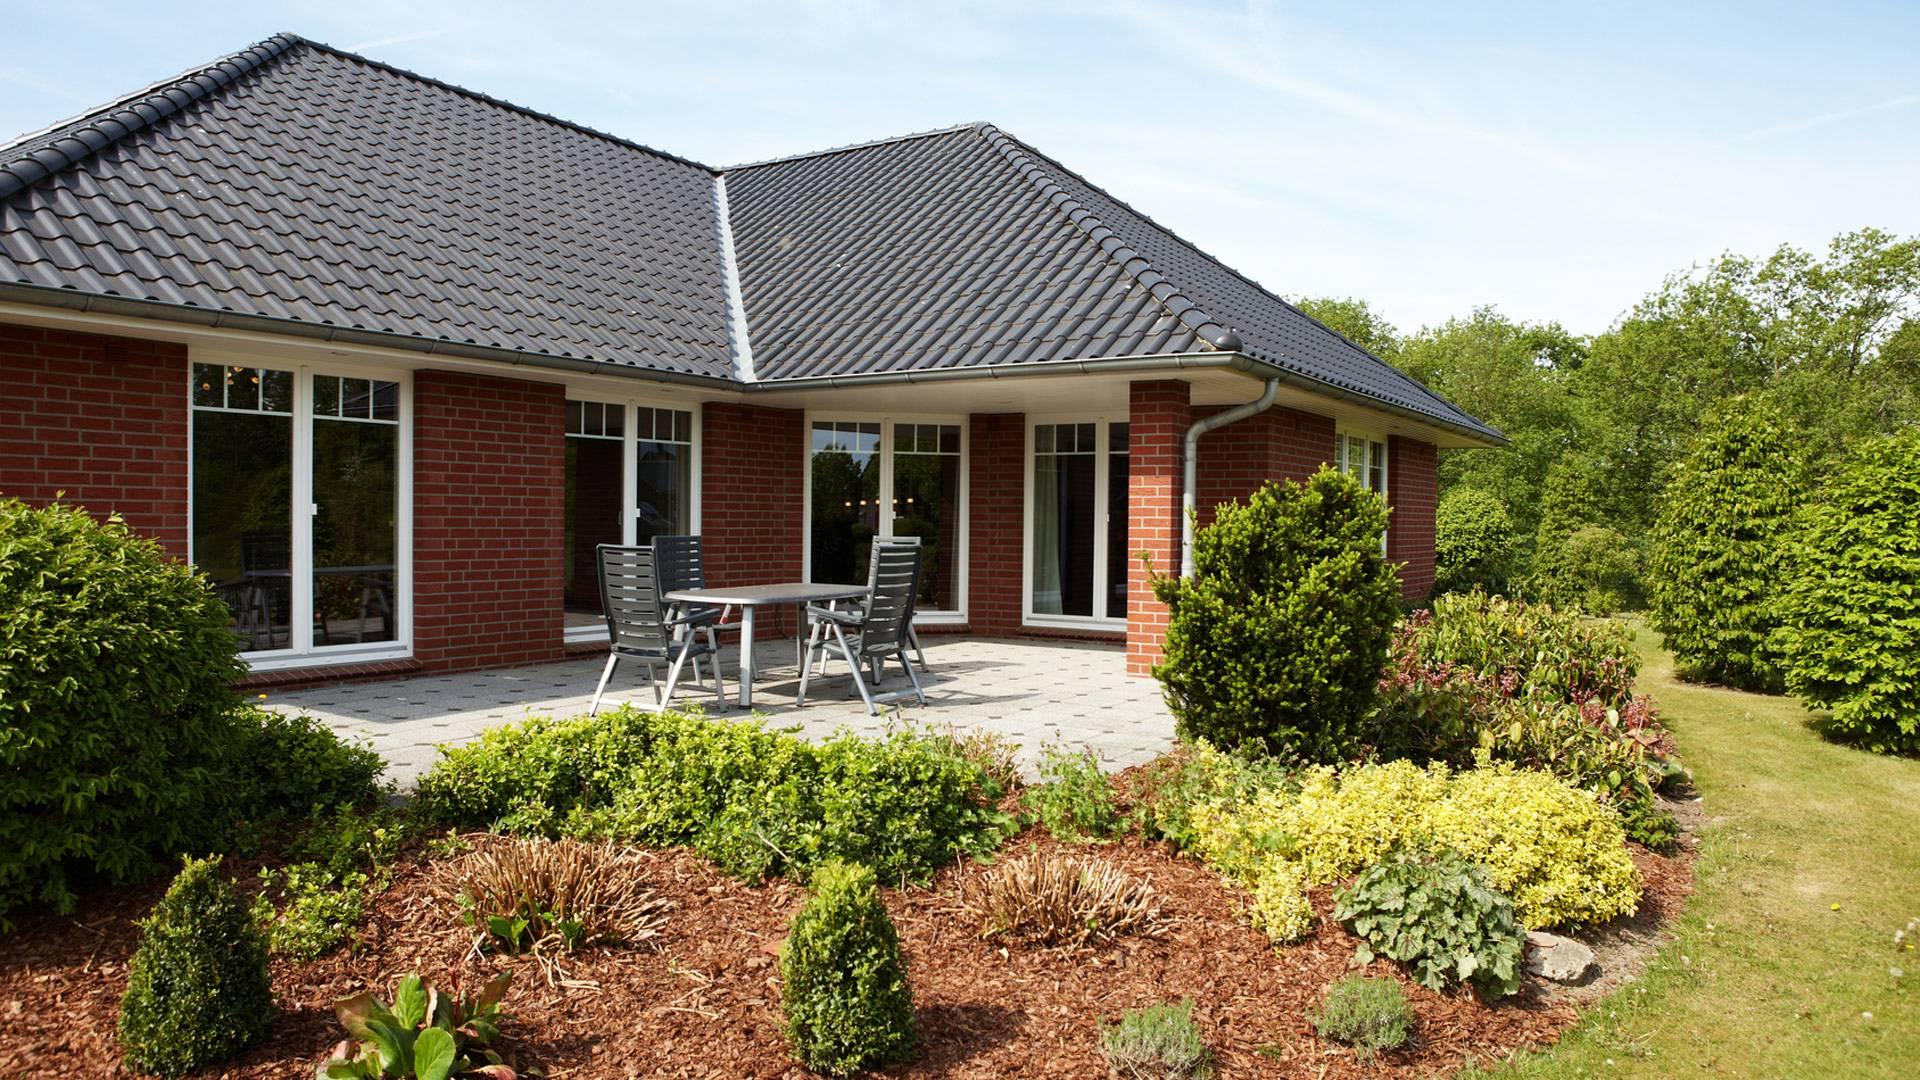 Massivhaus bungalow  Der Massivhaus-Bungalow: Vorteile entdecken | Ratgeber Musterhaus.net